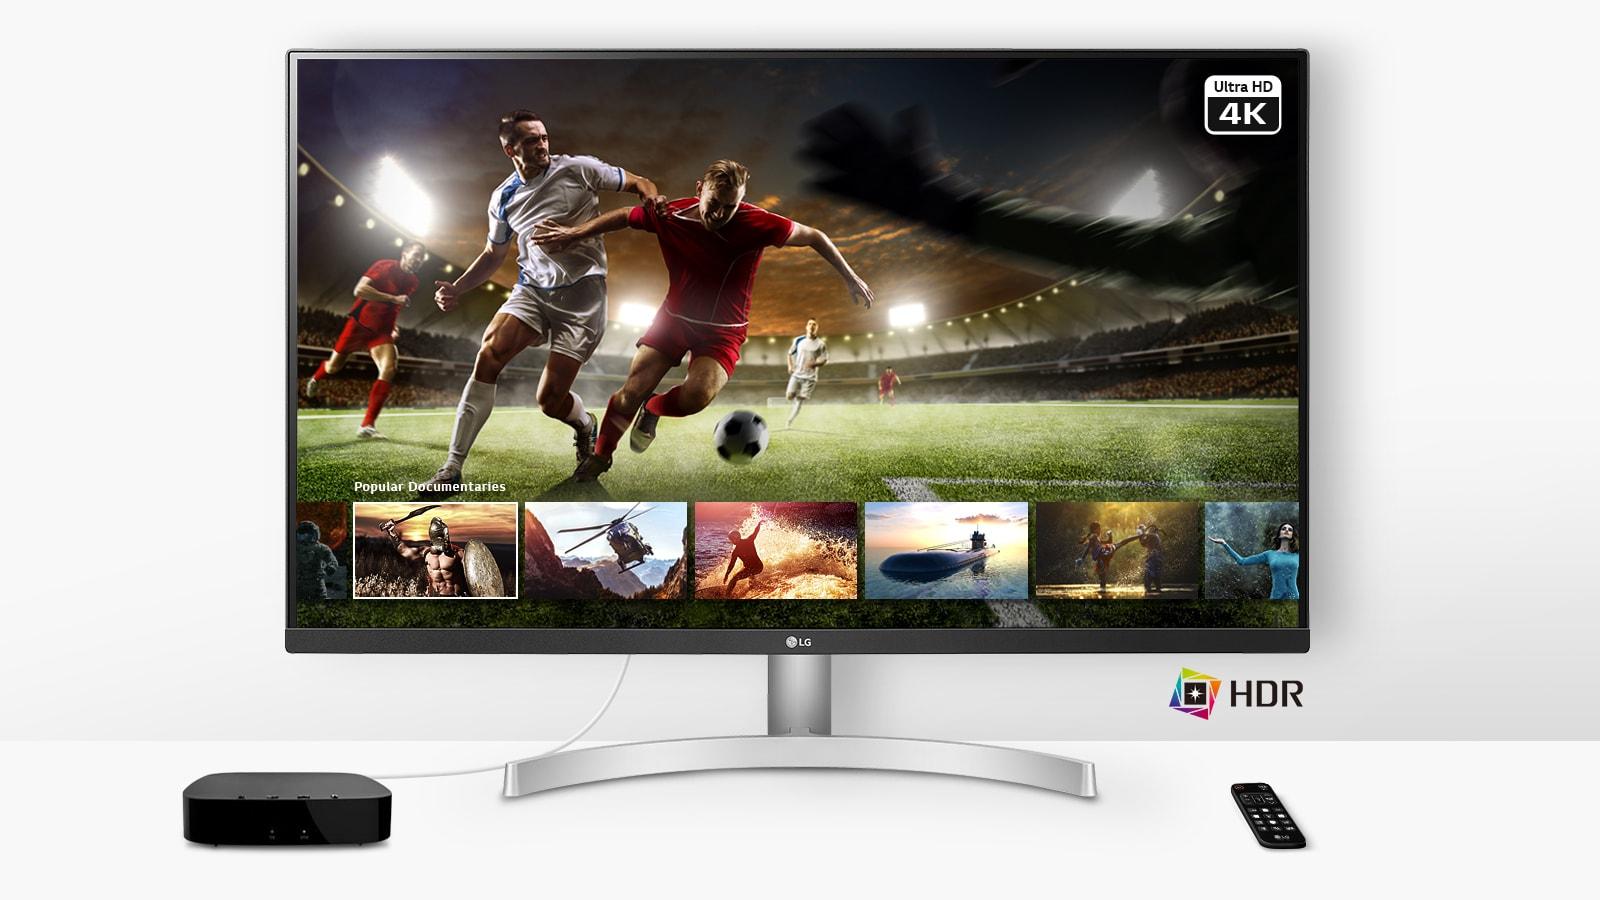 Phát một trận bóng đá trực tiếp ở Ultra HD 4K HDR từ dịch vụ phát trực tuyến